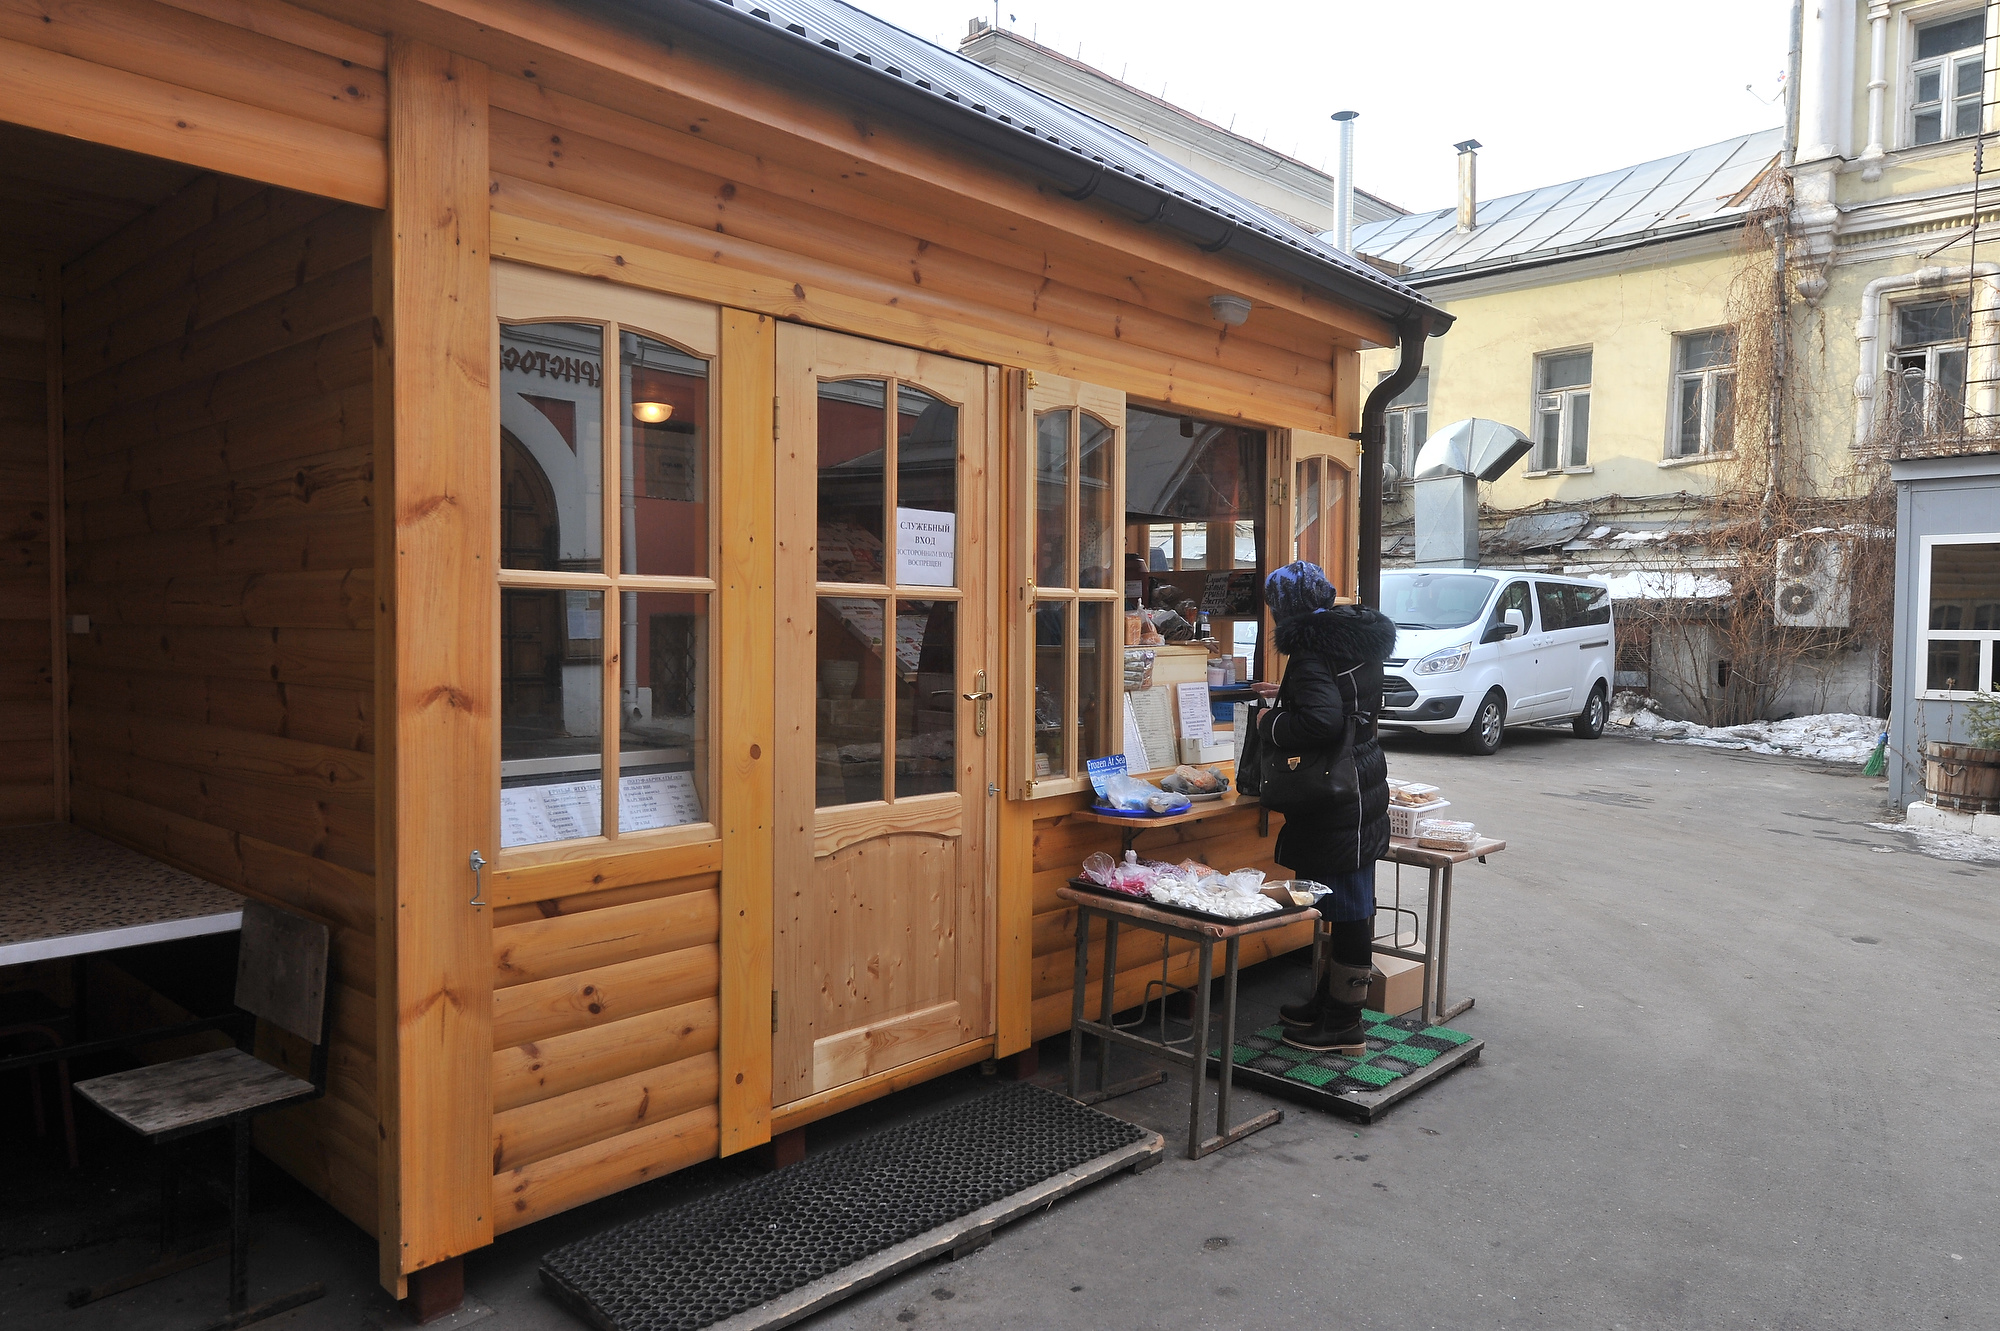 Во дворе Заиконоспасского монастыря продают монастырскую выпечку, а еще тут бывает и свежая рыбка. Фото: Михаил ФРОЛОВ